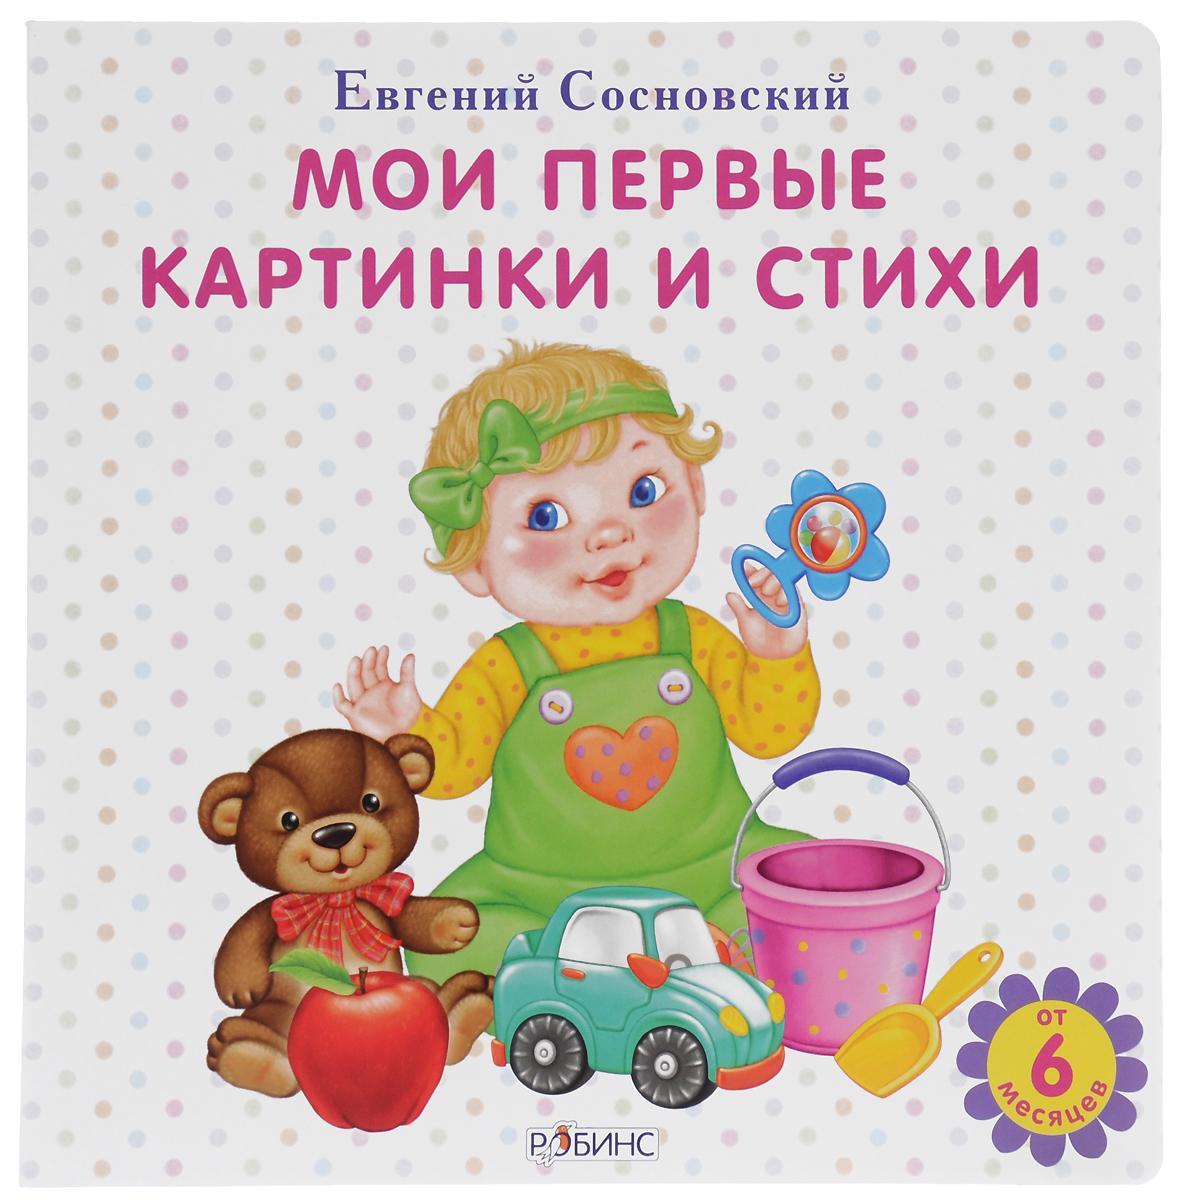 Мои первые картинки и стихи. Евгений Сосновский